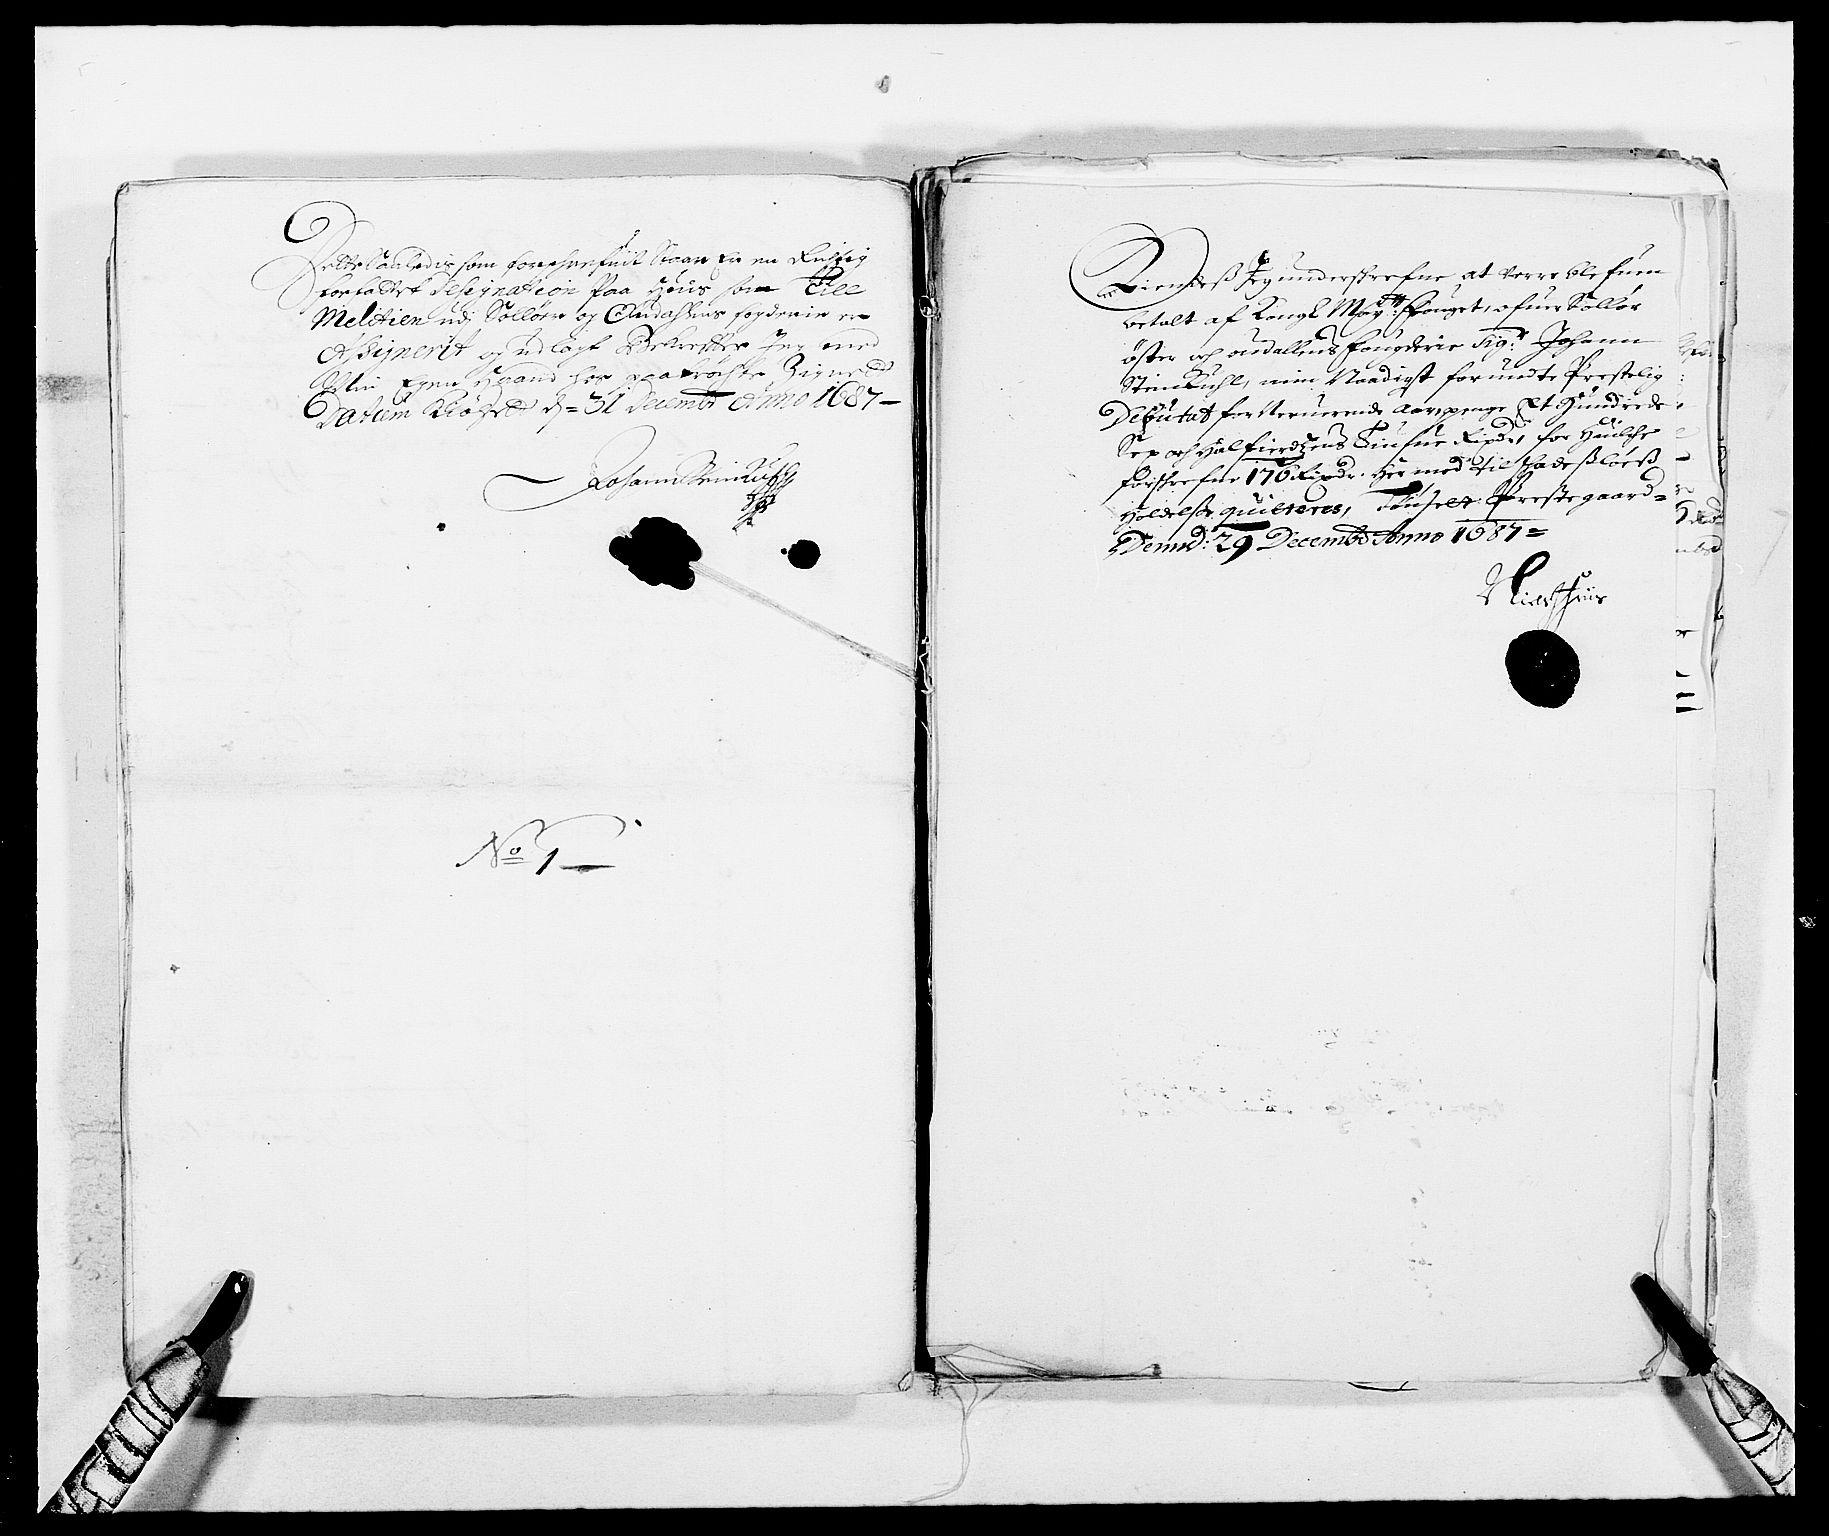 RA, Rentekammeret inntil 1814, Reviderte regnskaper, Fogderegnskap, R13/L0824: Fogderegnskap Solør, Odal og Østerdal, 1687, s. 257